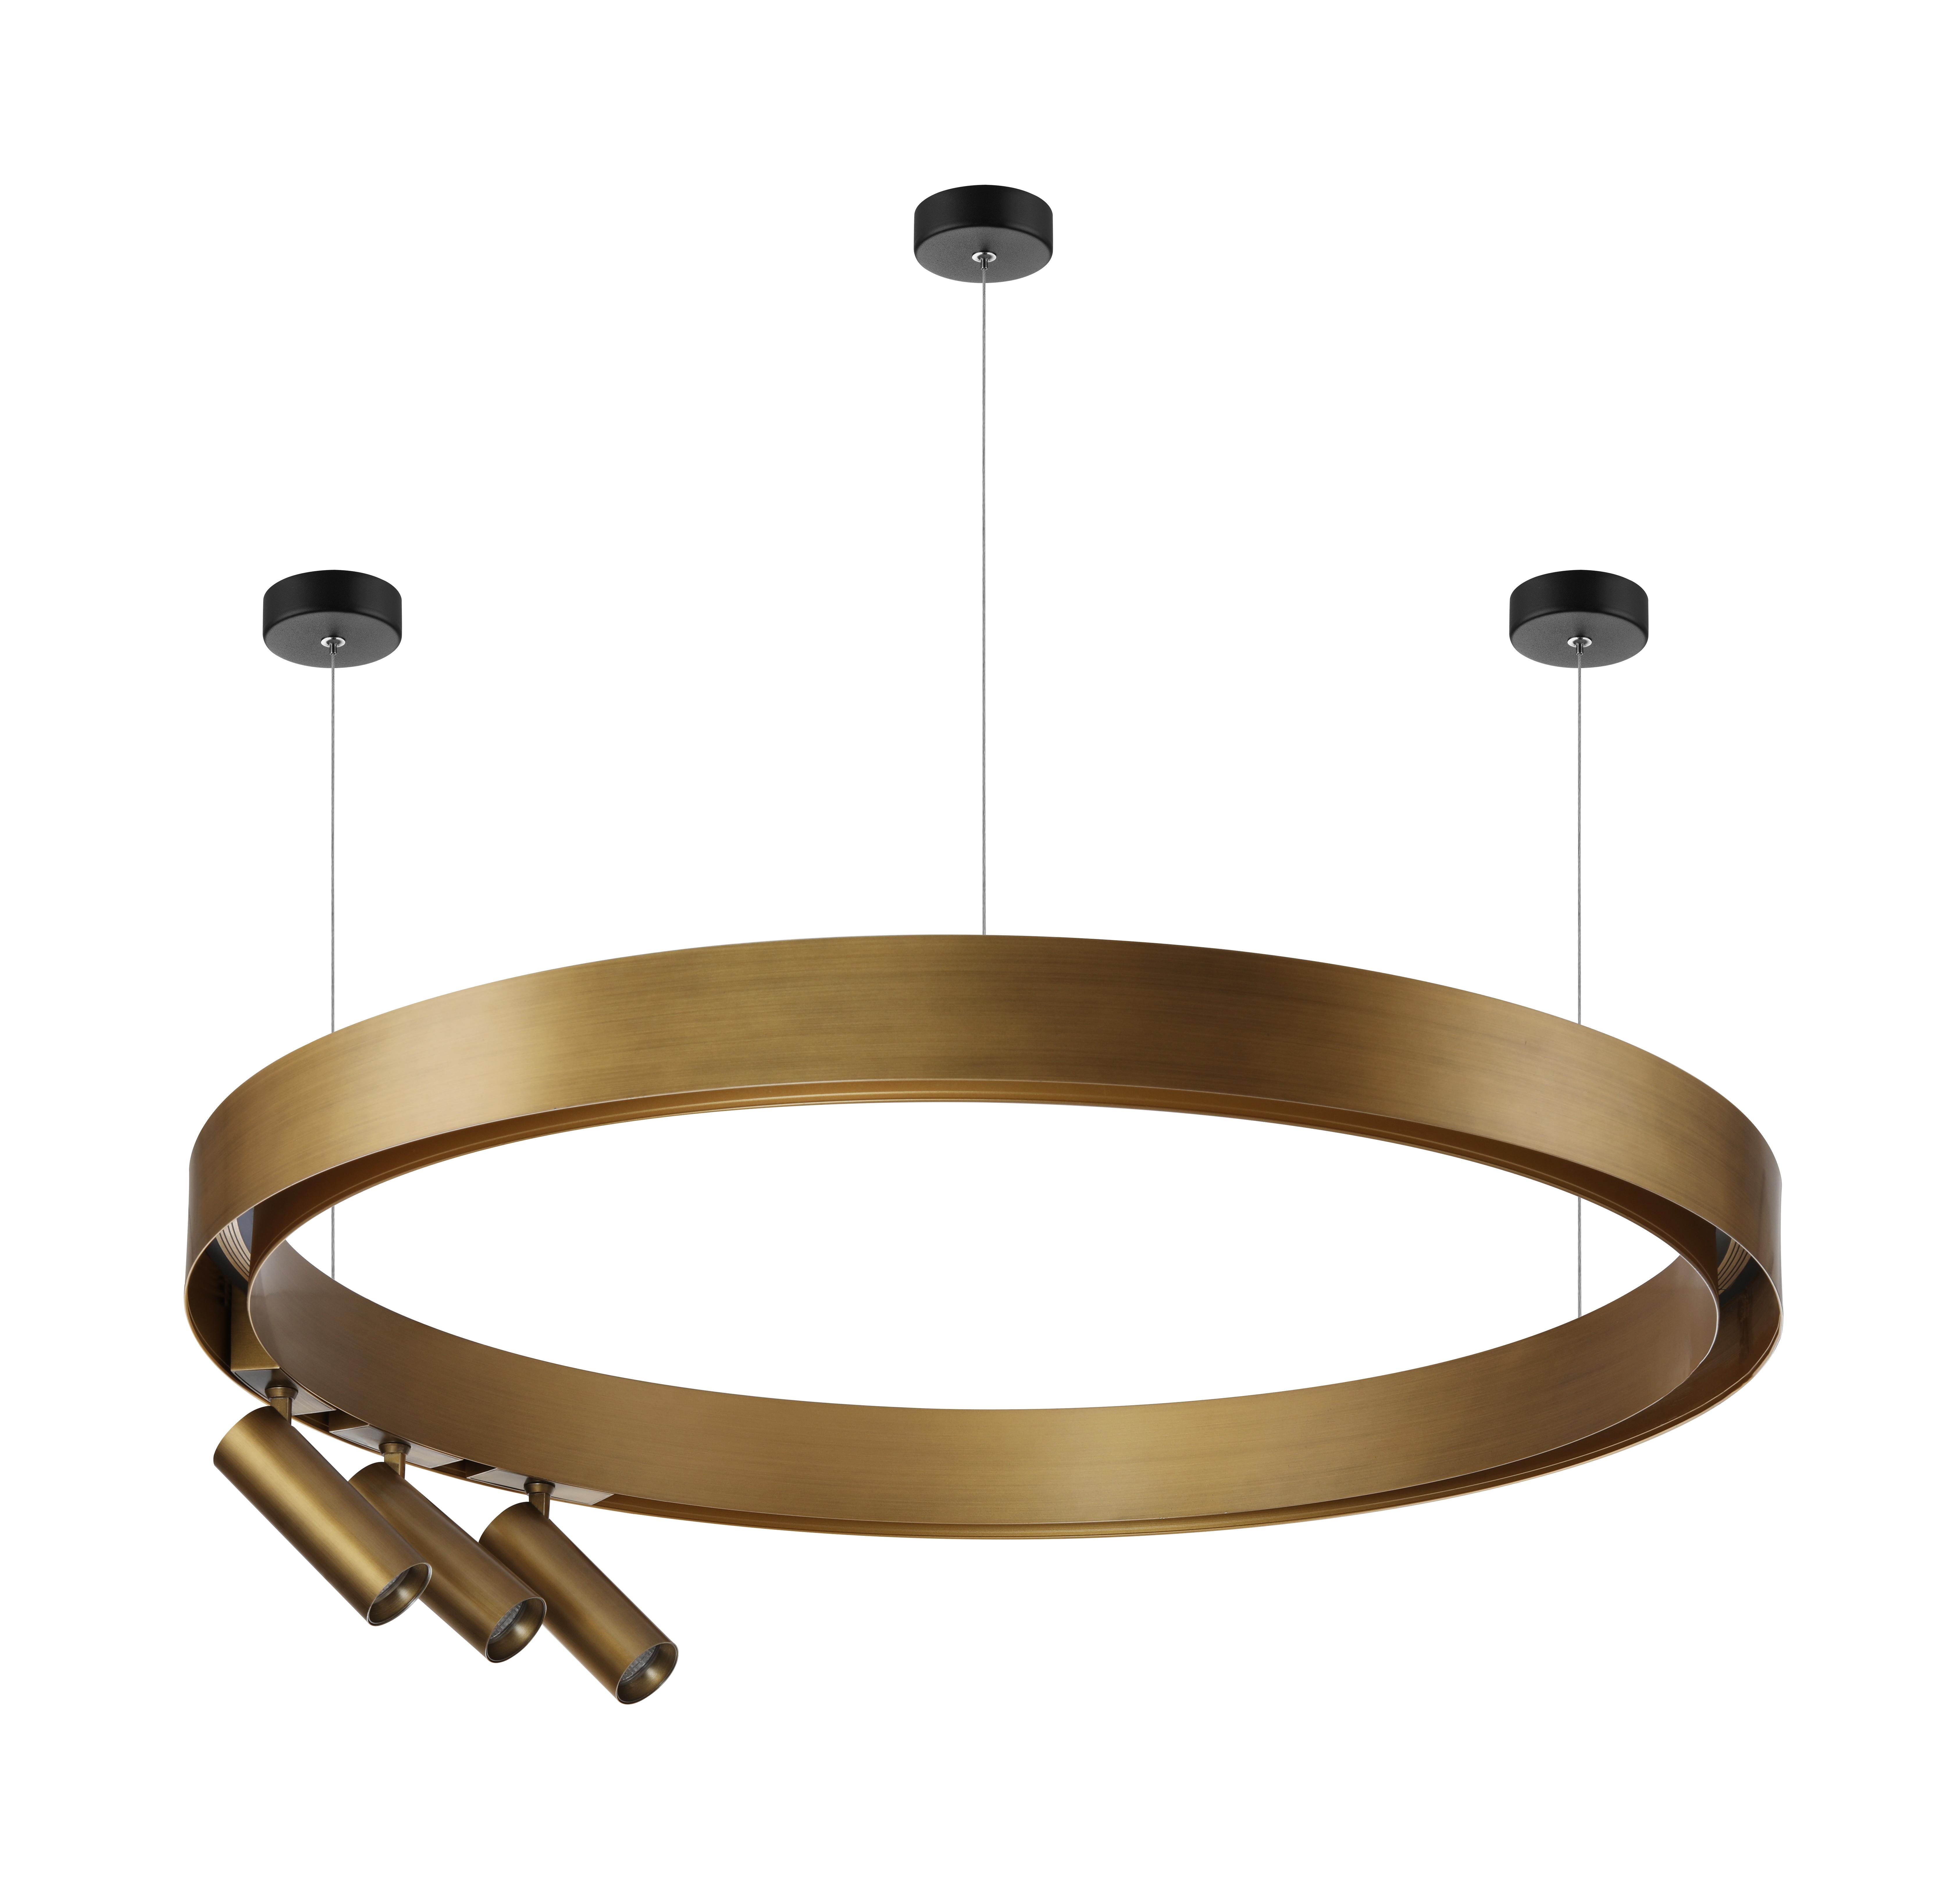 ECOJAS R900  2020 NEWS Round Magnet track light  24V